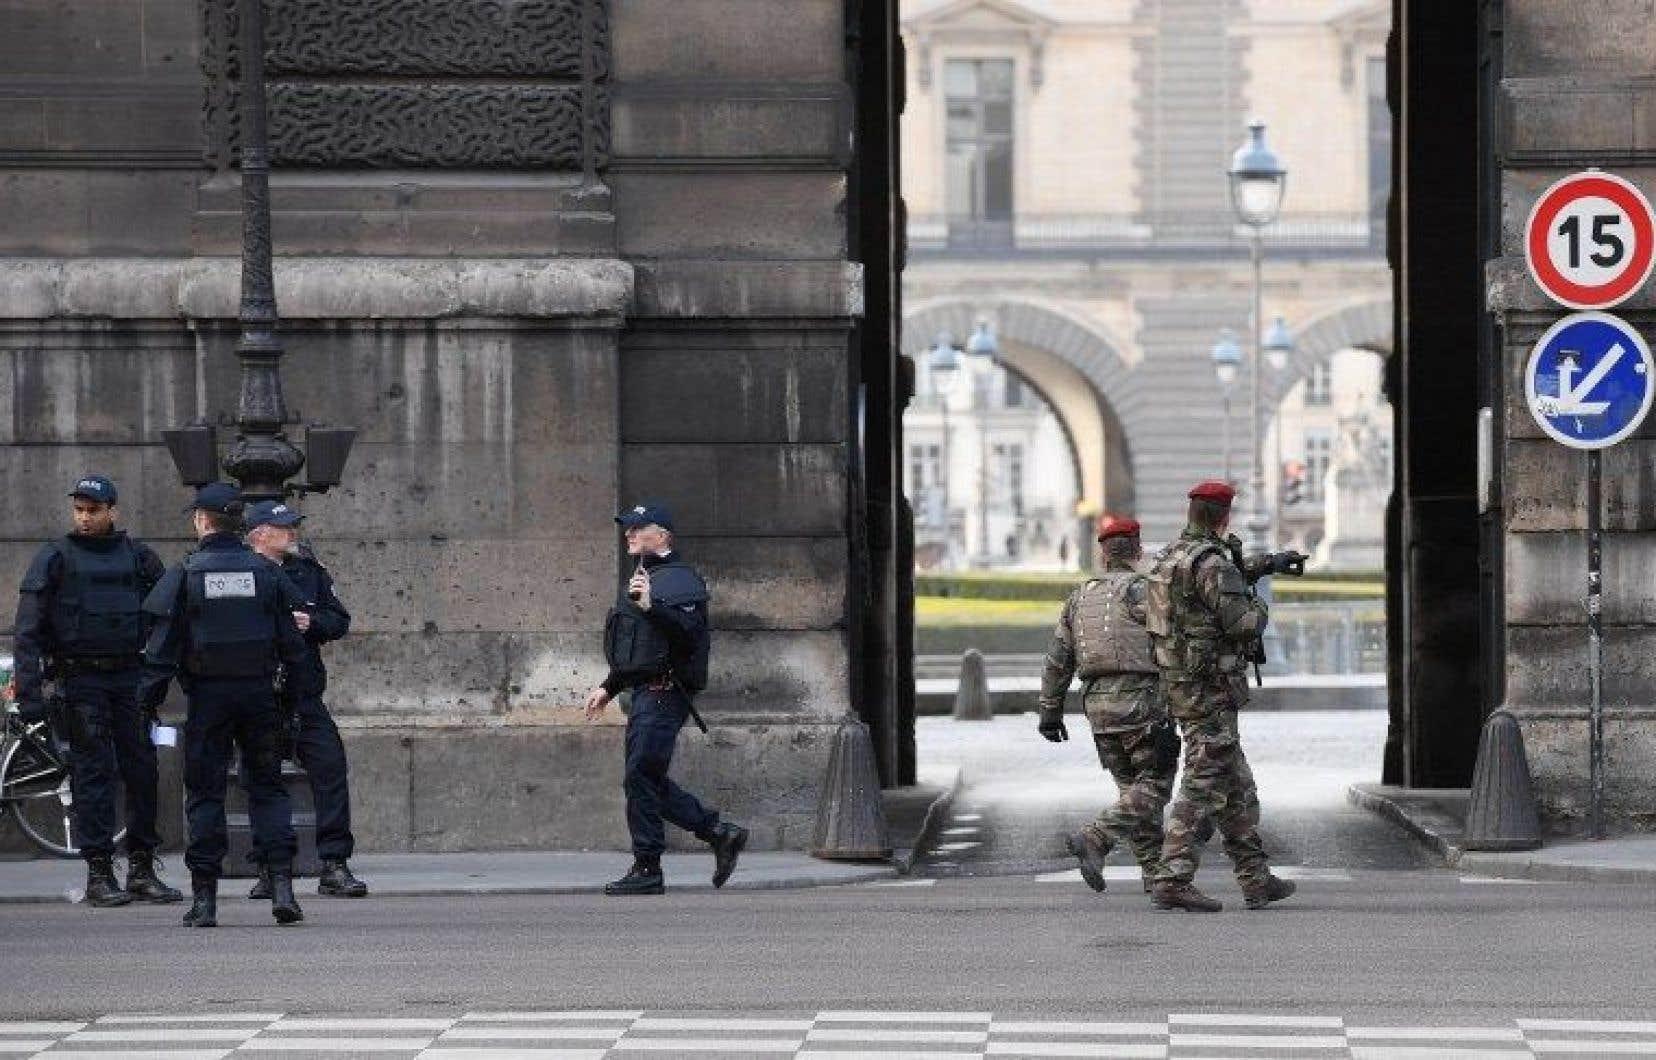 Des militaires ont été attaqués près du Musée du Louvre à Paris.